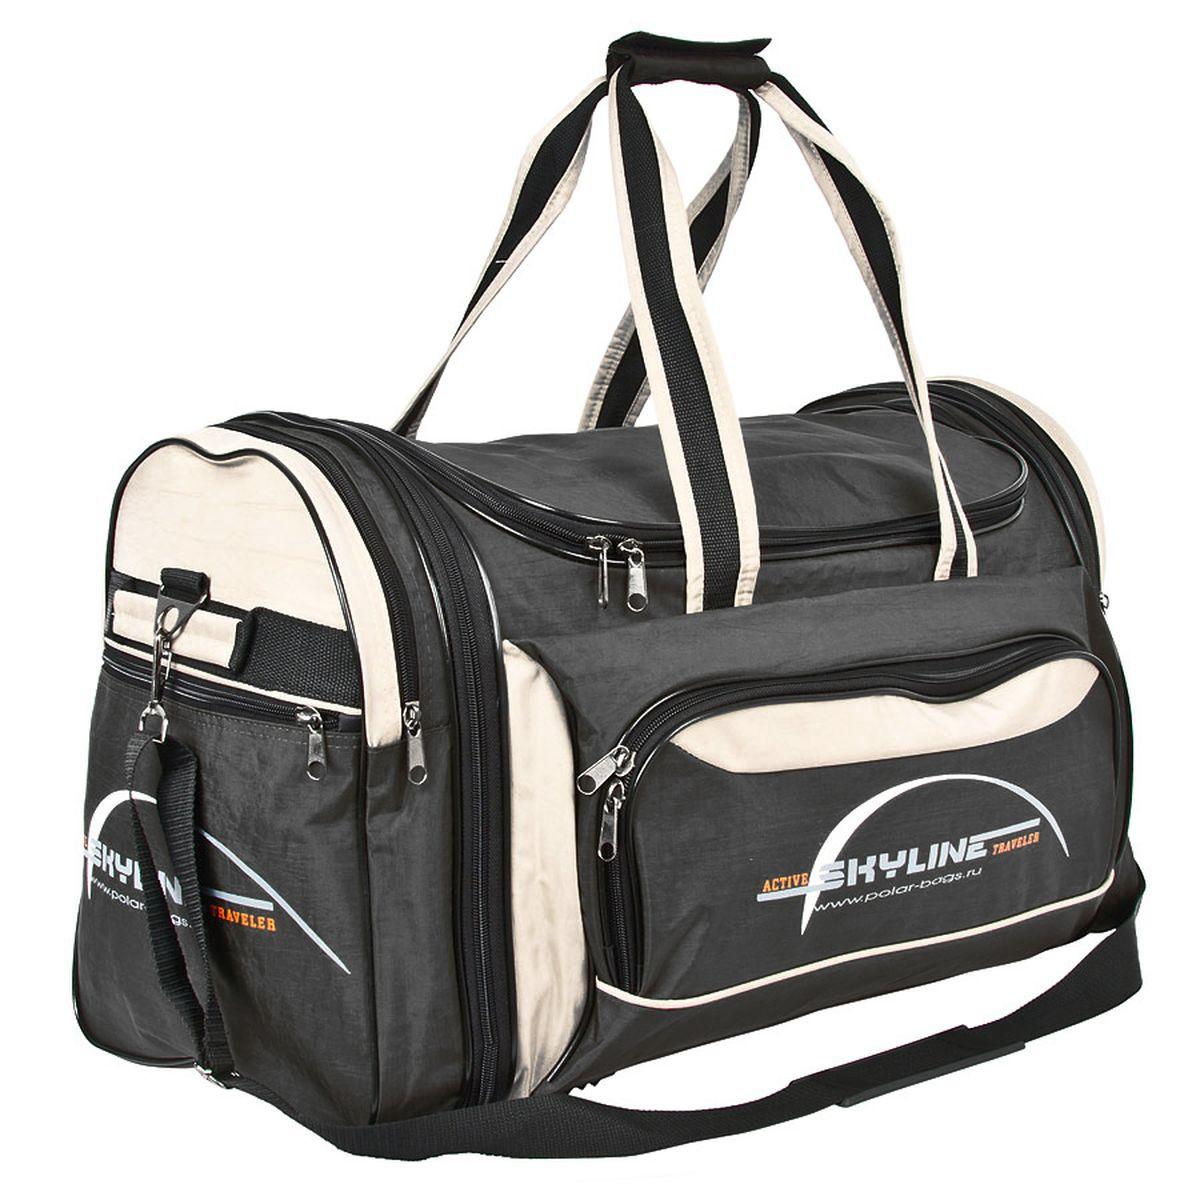 Сумка спортивная Polar, цвет: черный, бежевый, 66,5 л. 6069.1Костюм Охотник-Штурм: куртка, брюкиМатериал – полиэстер с водоотталкивающей пропиткой. Вместительная спортивная сумка среднего размера. Внутри - один отдел, два боковых кармана и карман на передней части. В комплект входит съемный плечевой ремень. Эта сумка идеально подойдет для спорта и отдыха. Спортивная сумка для ваших вещей. Сумка раздвижная ,на 5 см по бокам сумки.